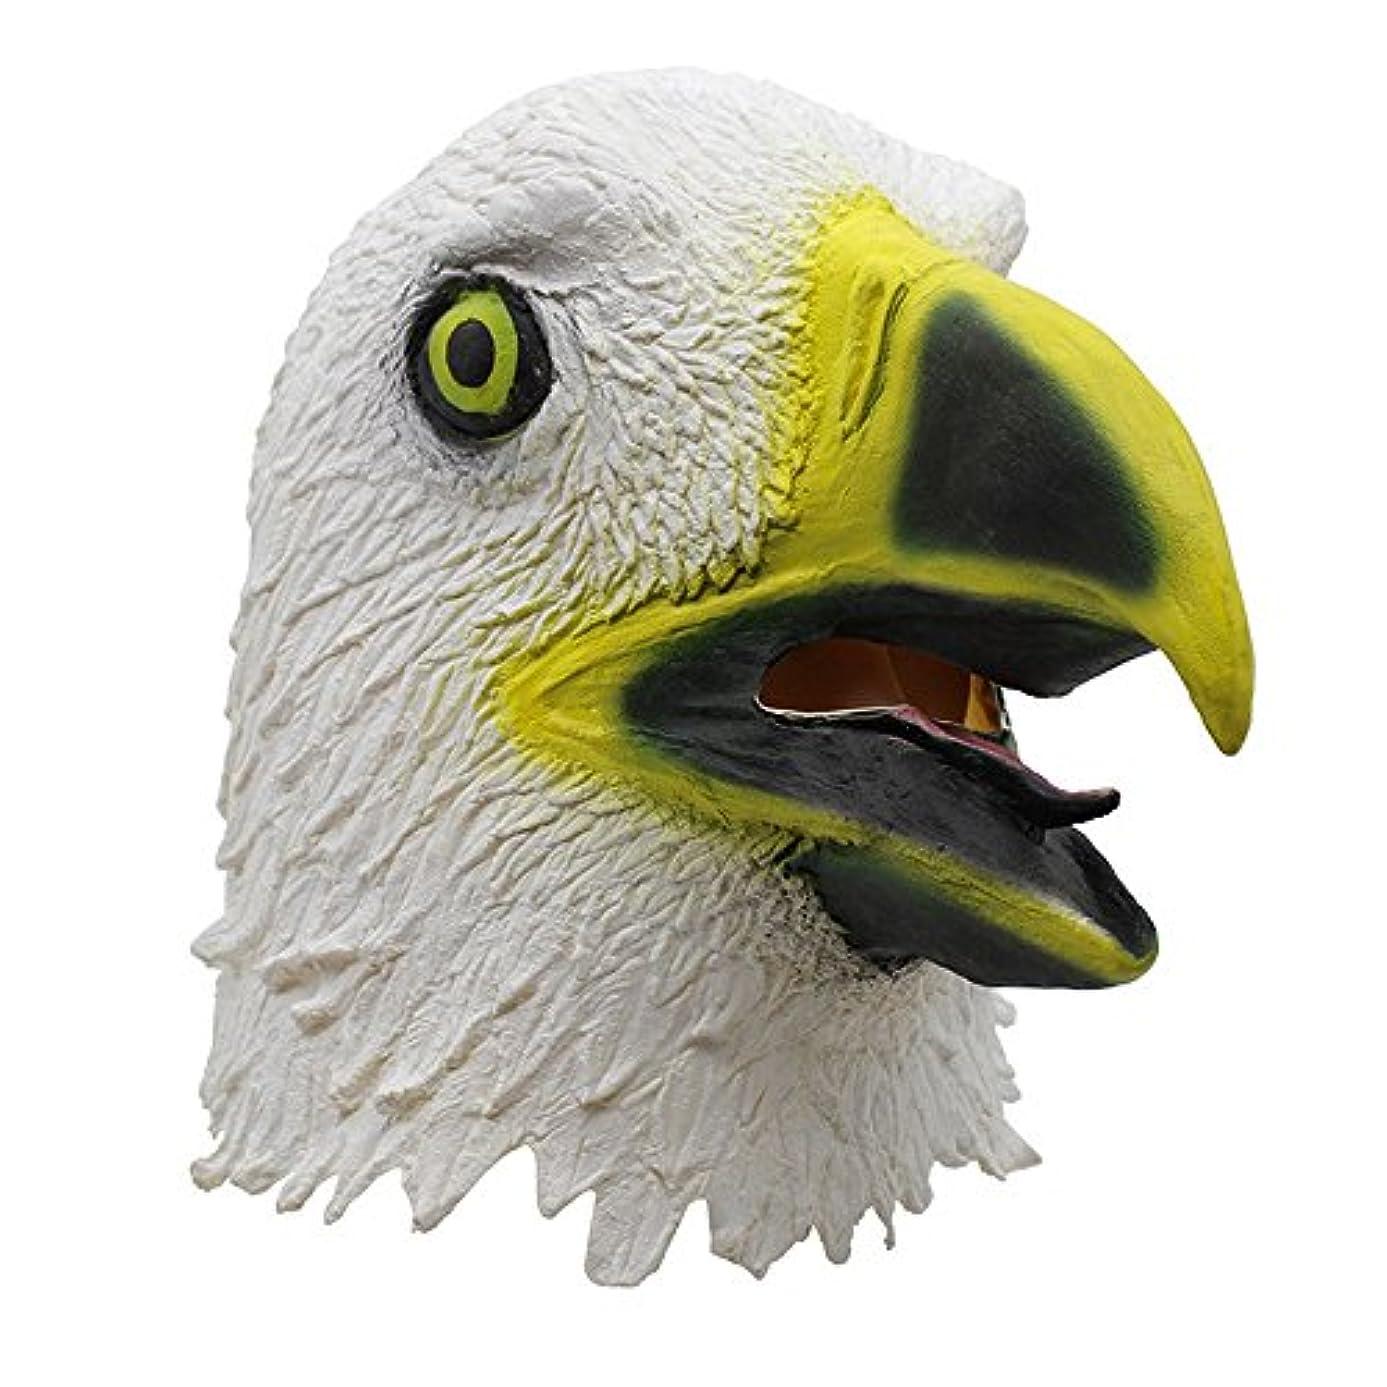 ファイアル空中スズメバチ空白のイーグルフードトリッキーな現実的なマスクバーCOS怖い高騰 (Color : B)